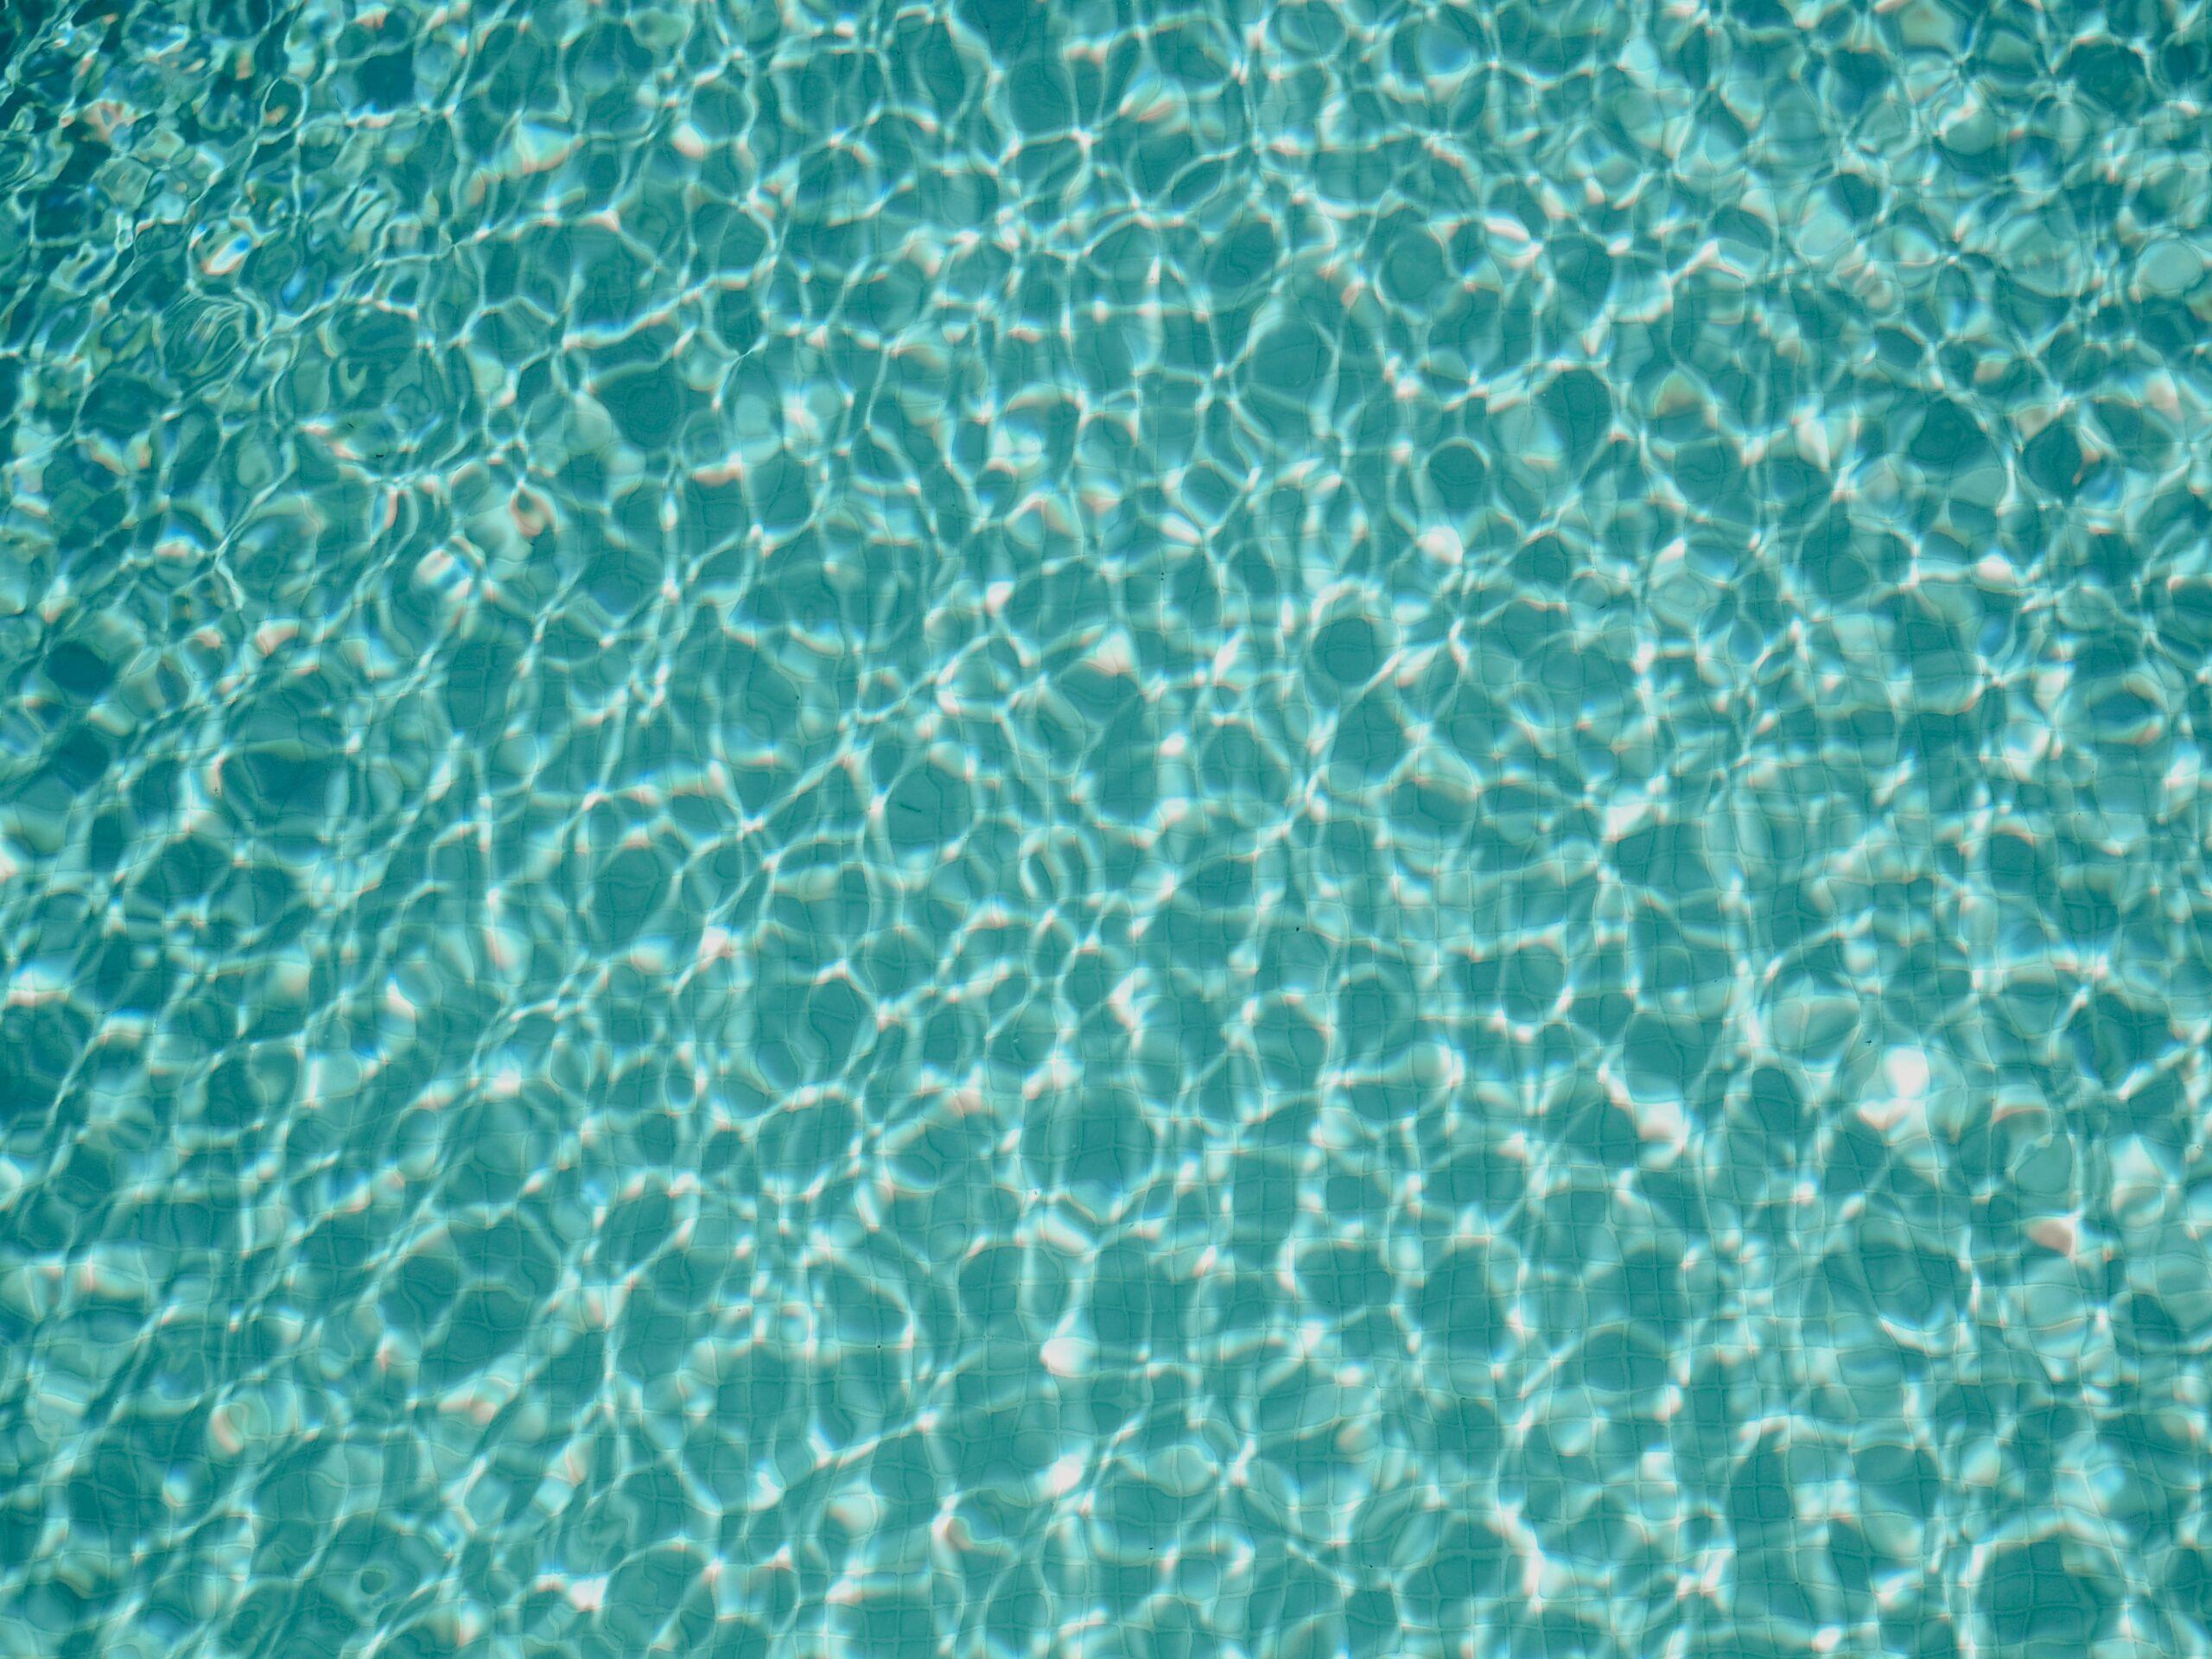 水のスピリチュアルメッセージは?水にこだわり、惹かれる理由